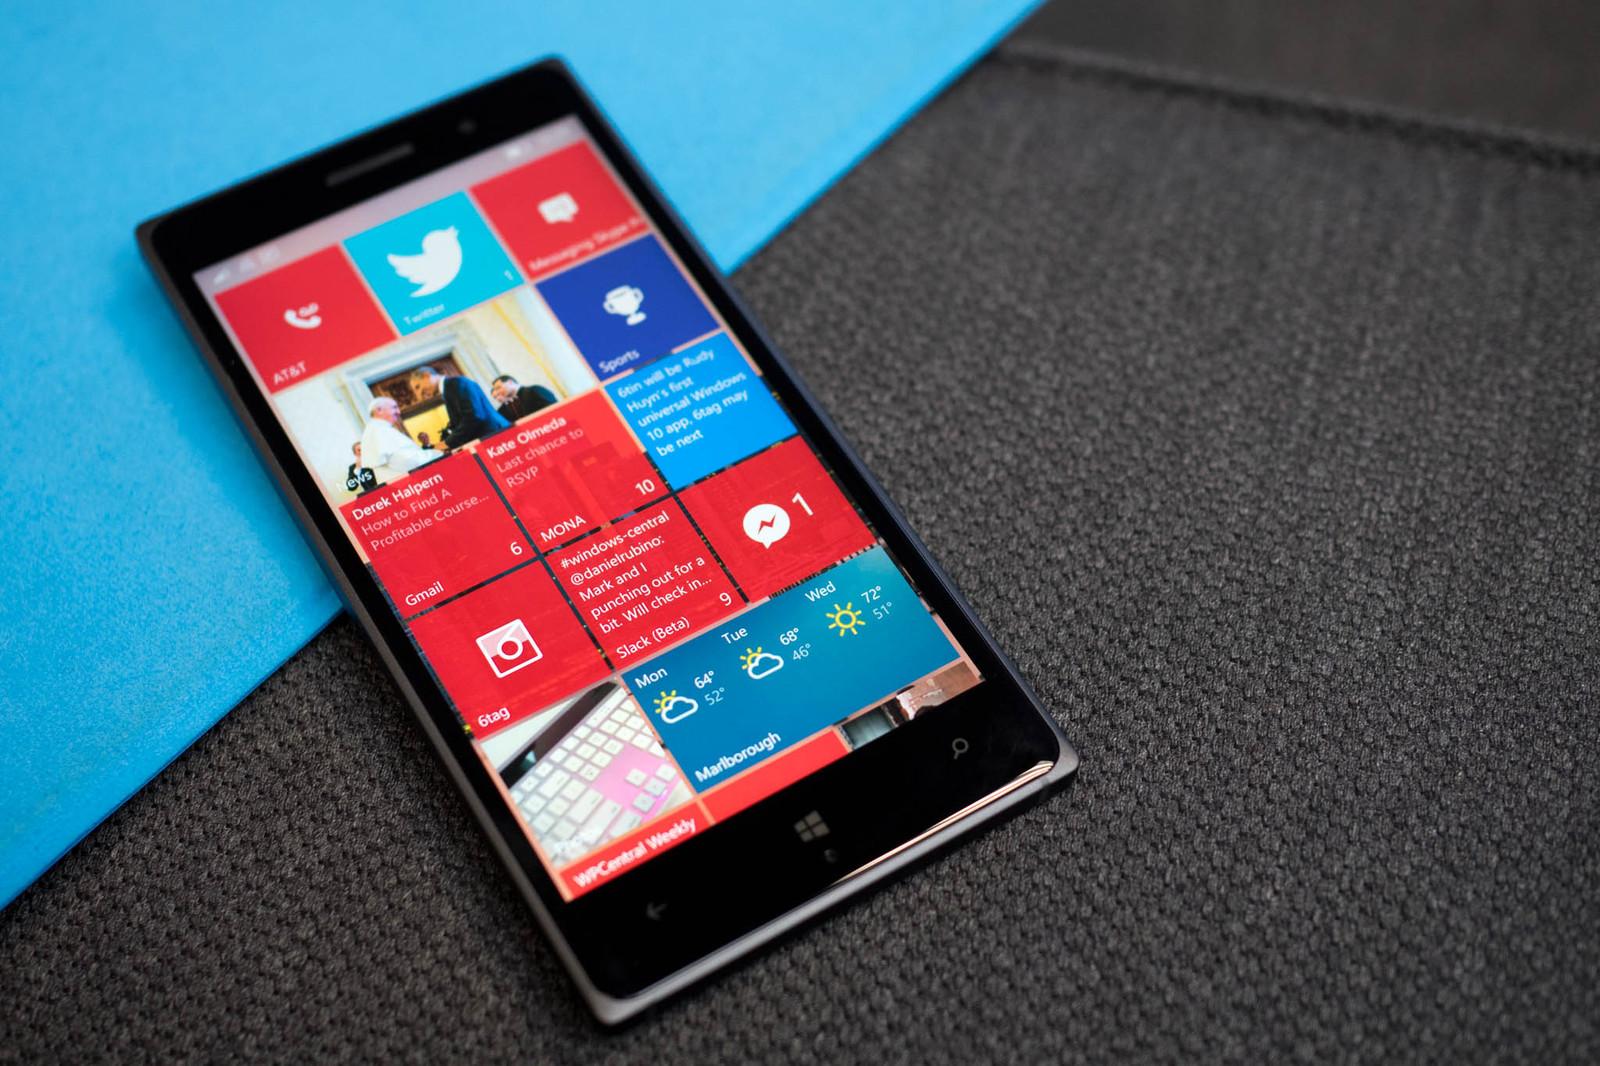 Windows 10 Mobile udio u trzistu